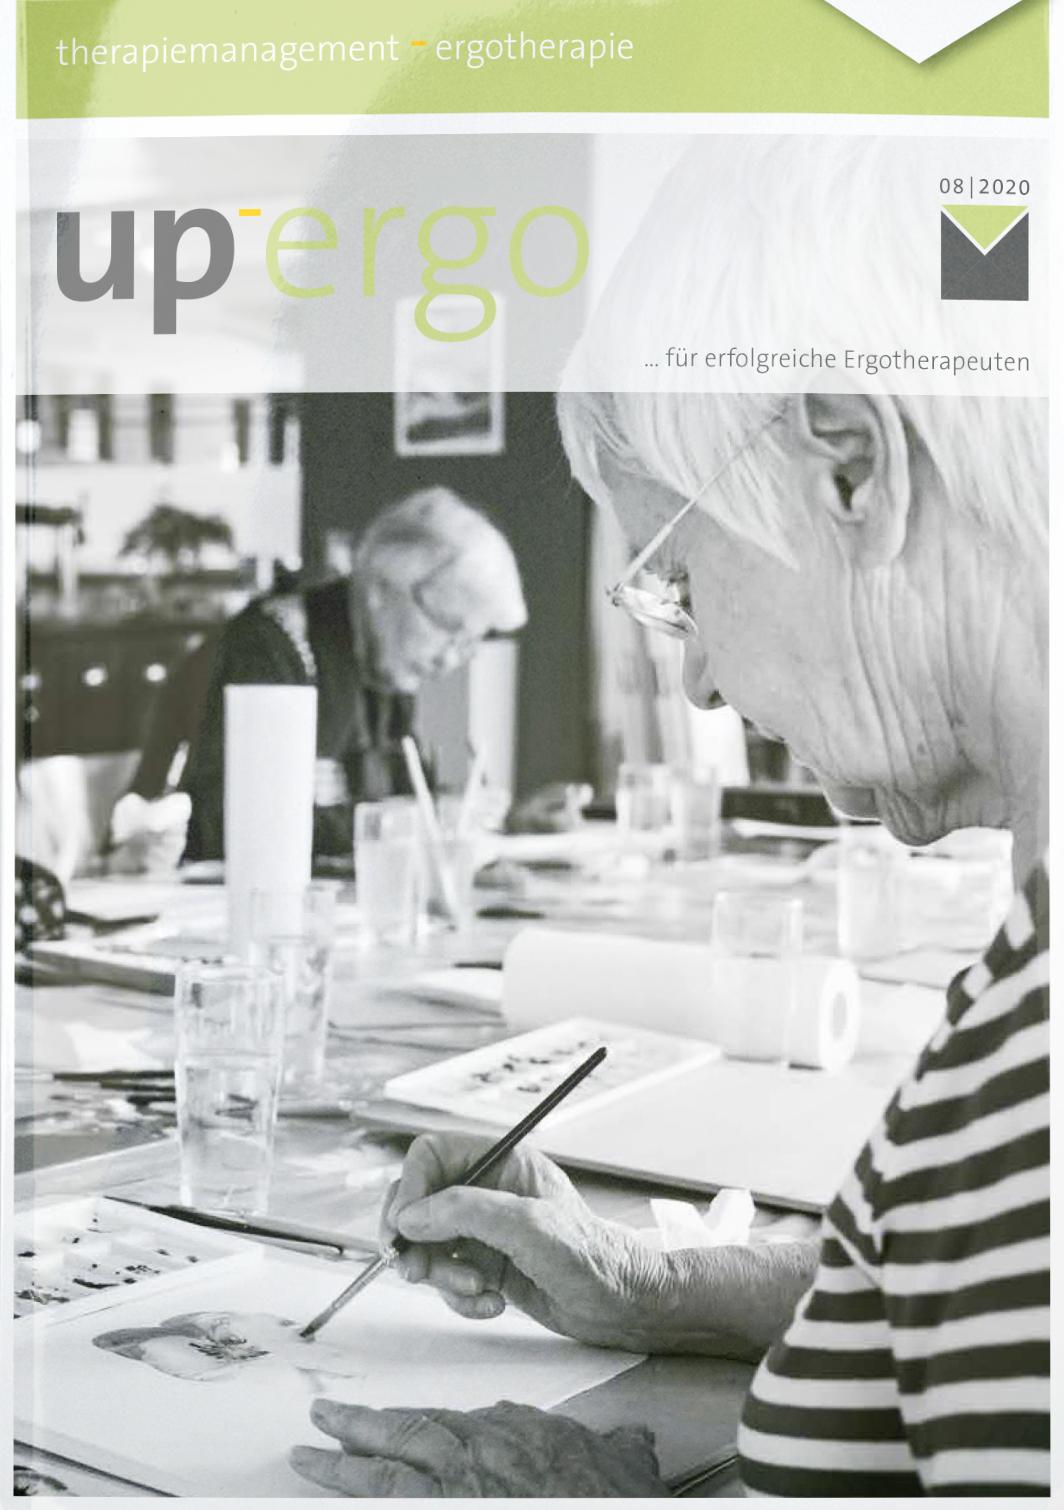 up_ergo 08/2020